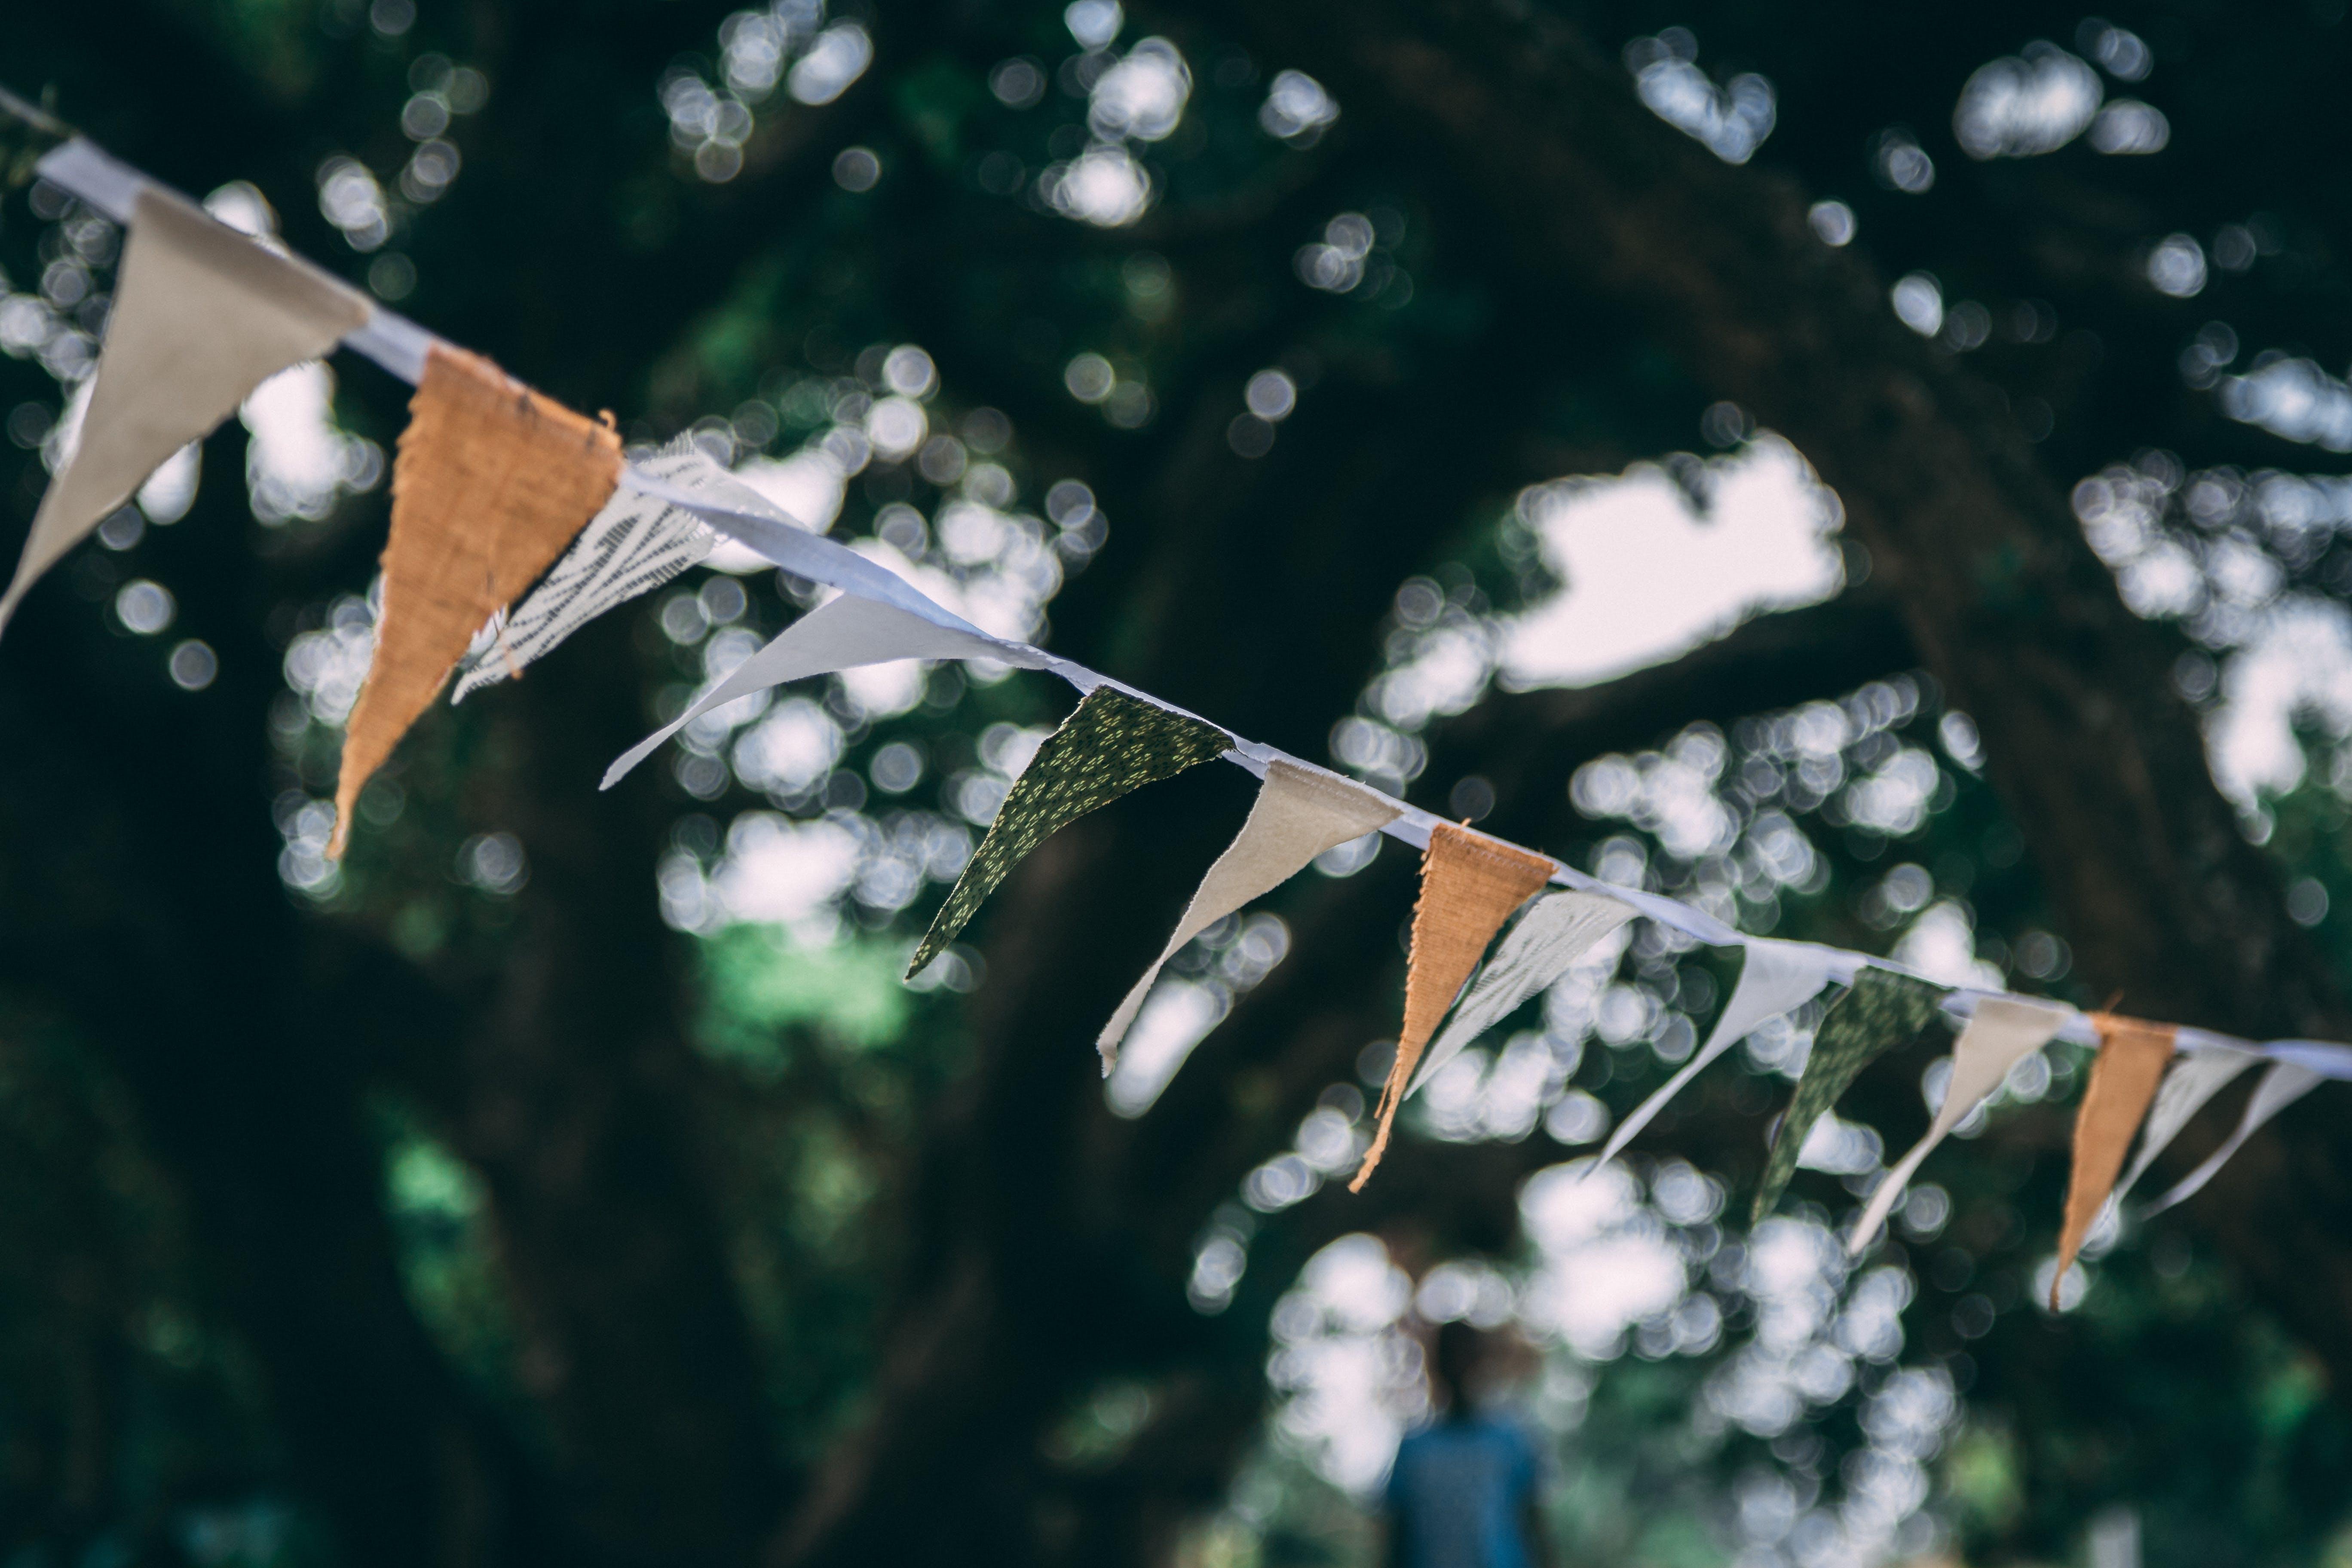 Δωρεάν στοκ φωτογραφιών με Άνθρωποι, βροχή, δέντρα, δέντρο